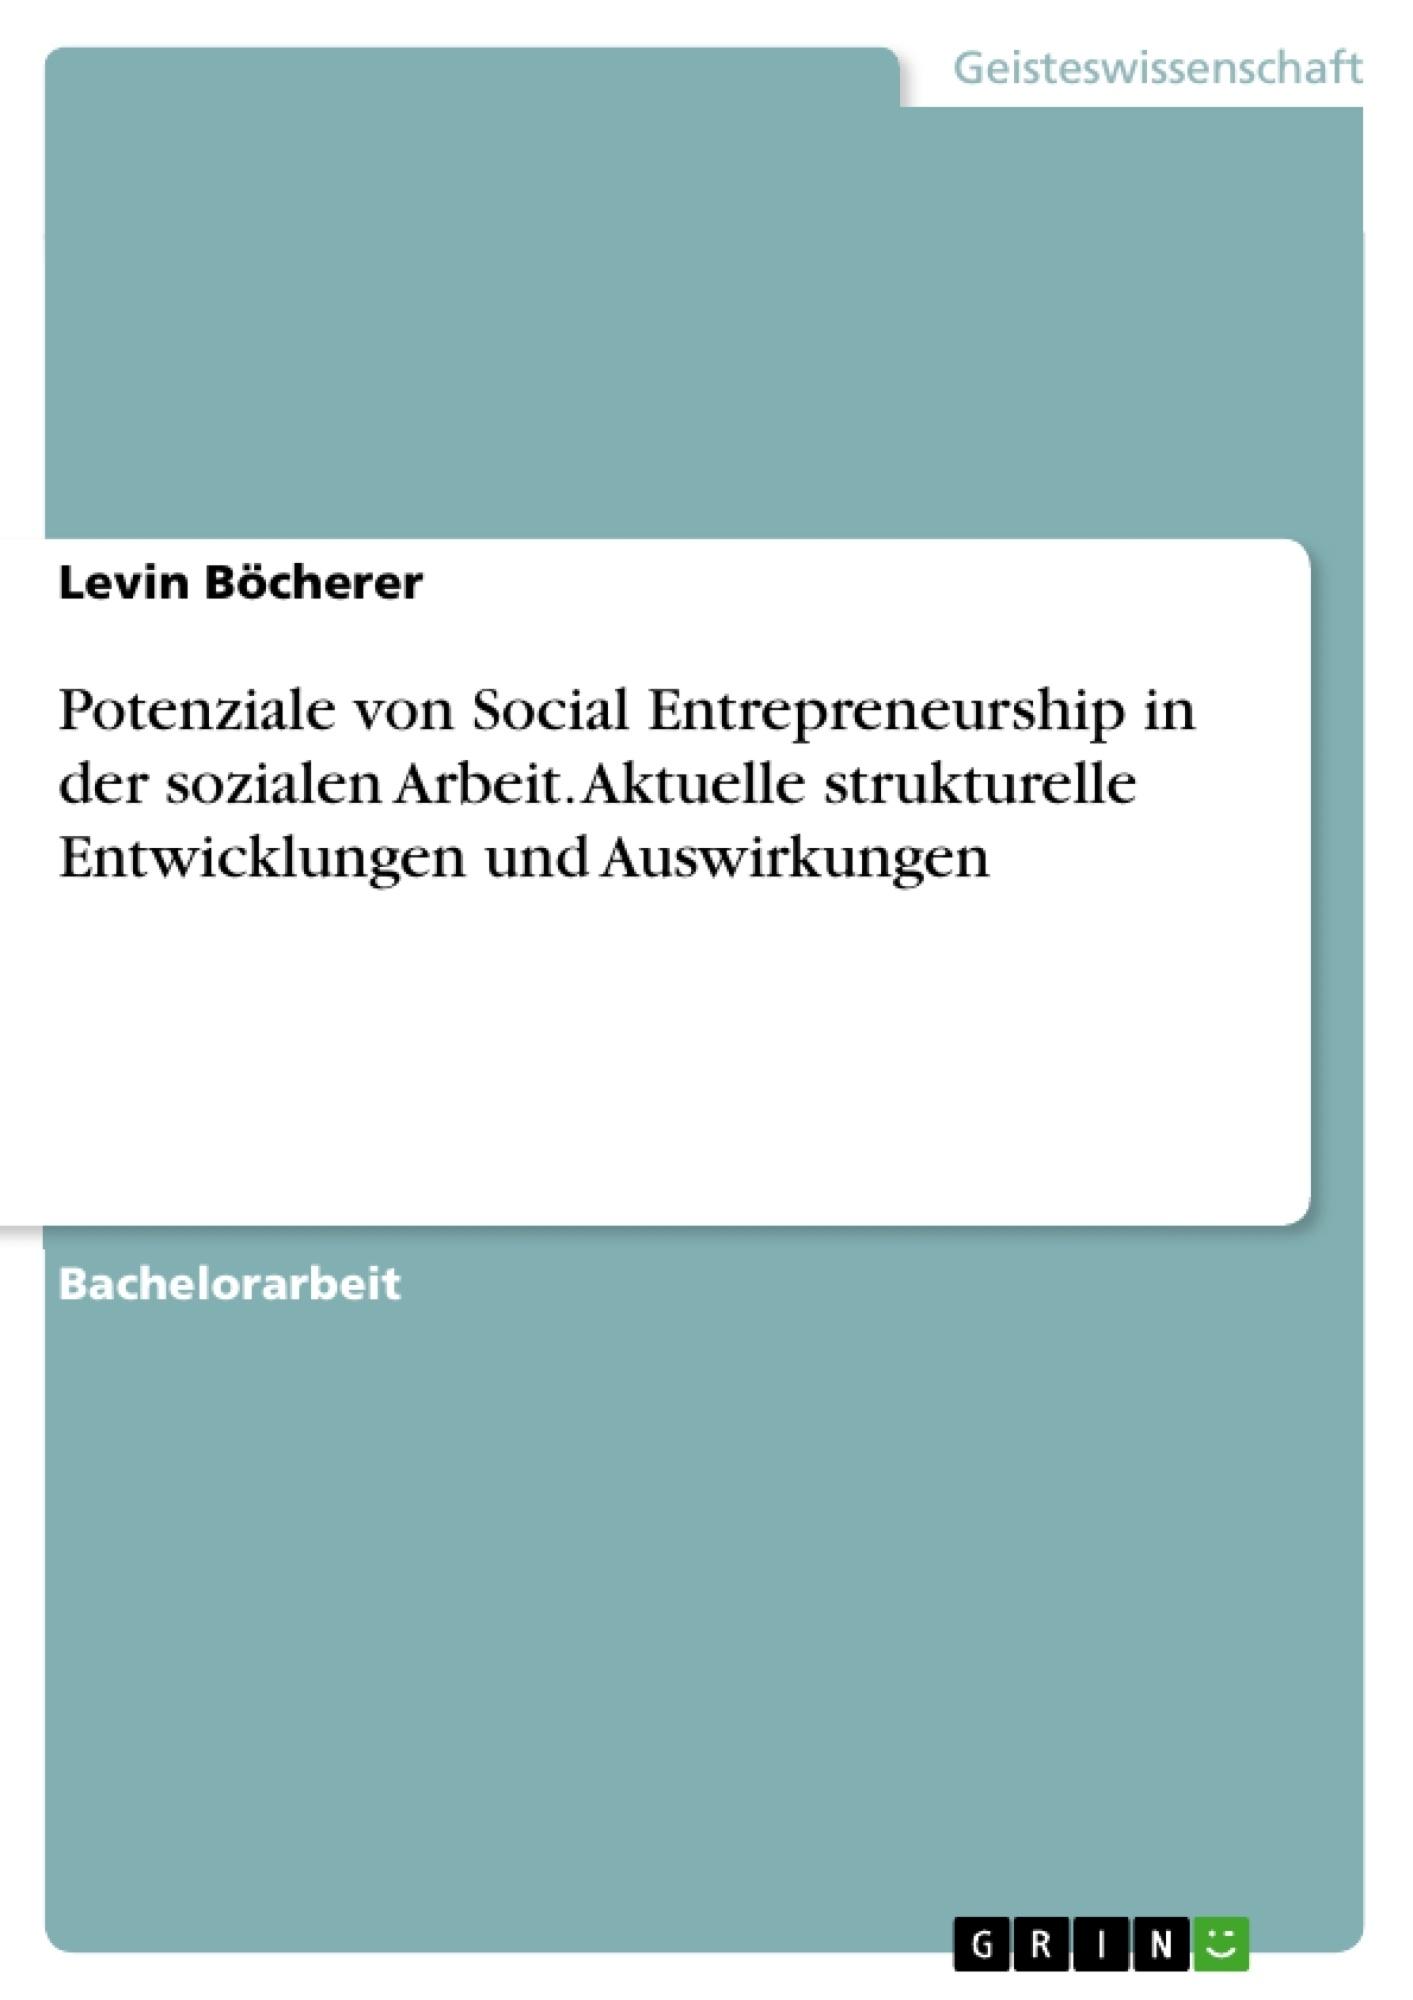 Titel: Potenziale von Social Entrepreneurship in der sozialen Arbeit. Aktuelle strukturelle Entwicklungen und Auswirkungen